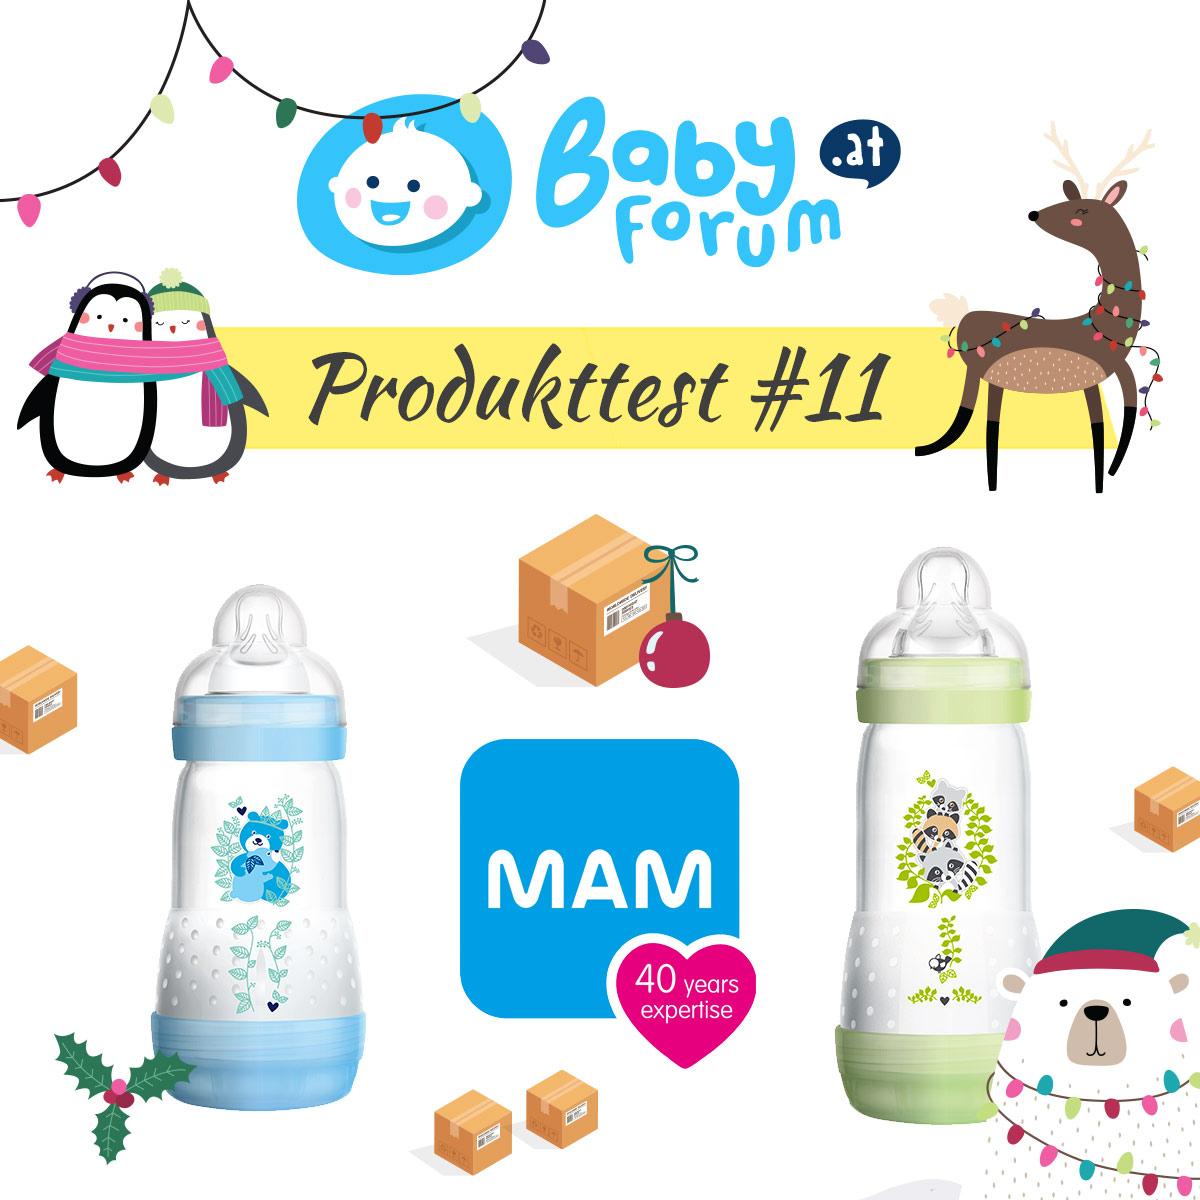 Produkttest11-2017-babyforum.jpg